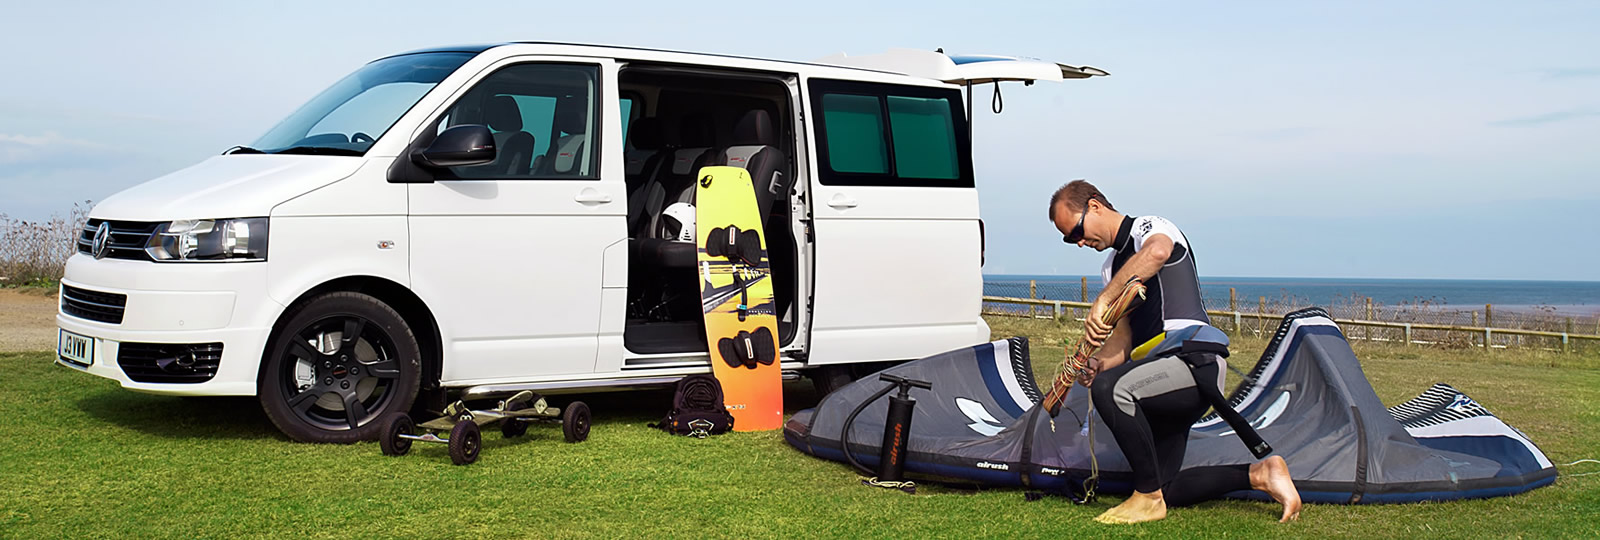 VW T5 Camper Explore